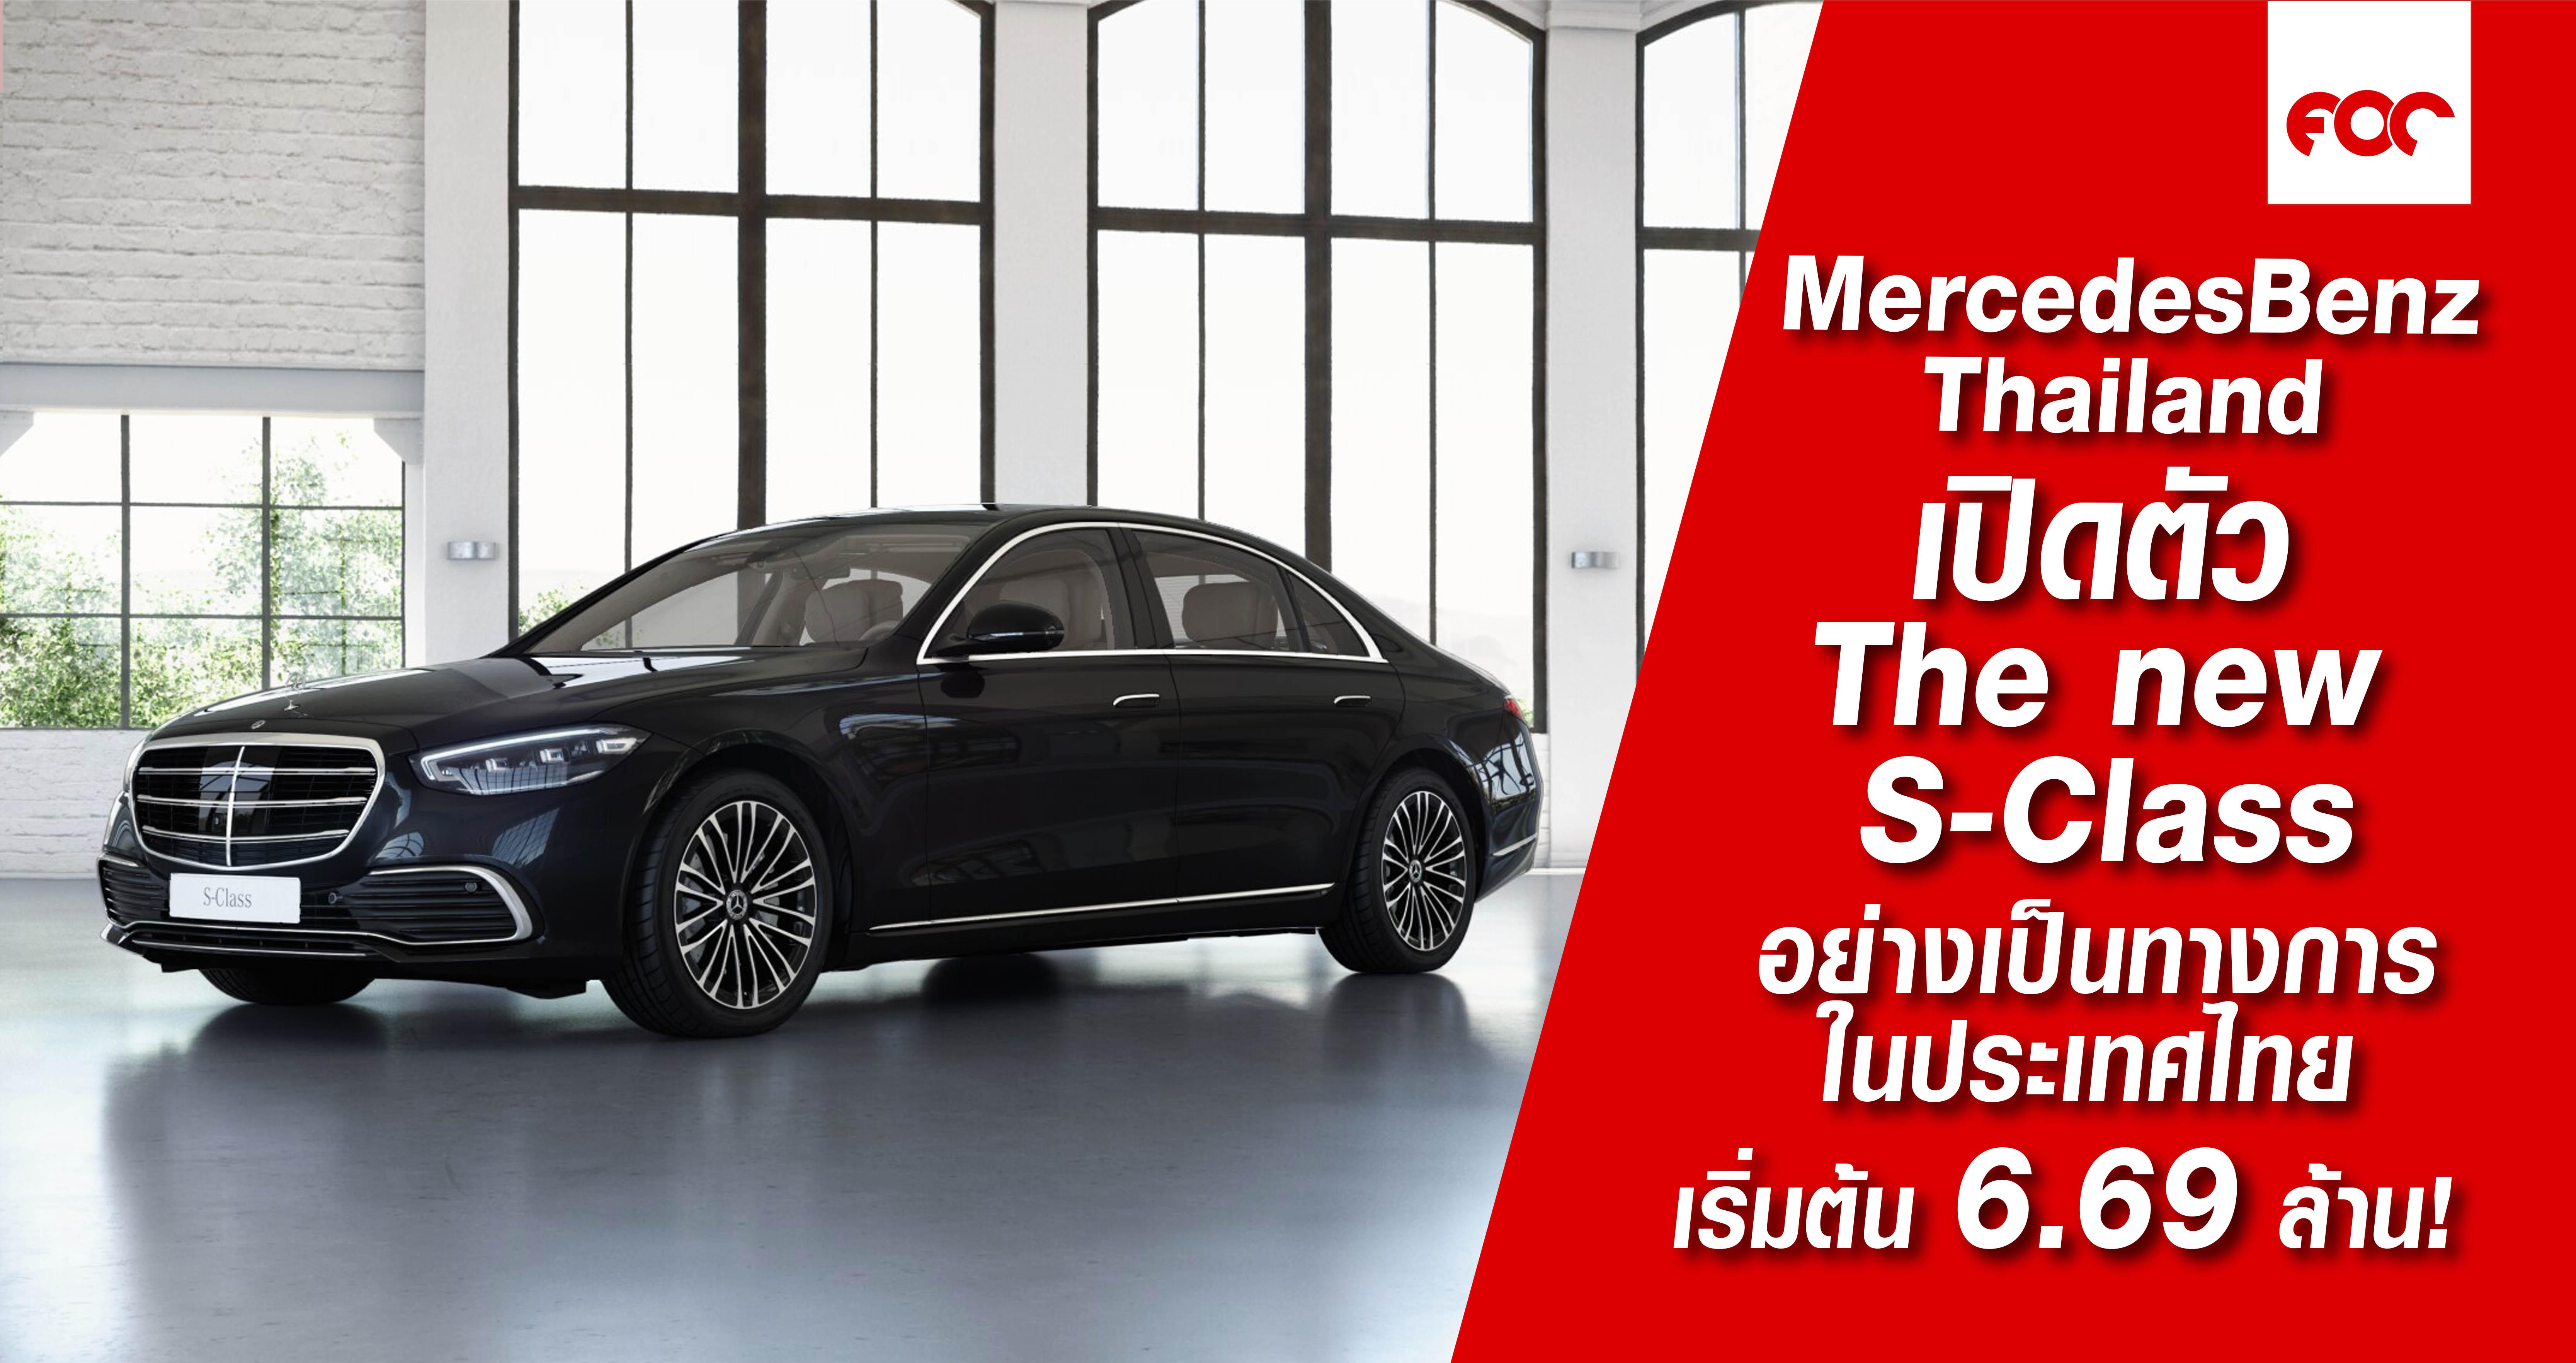 เปิดตัว The new Mercedes-Benz S-Class อย่างเป็นทางการในประเทศไทย ราคาเริ่มต้น 6.69 ล้าน!!